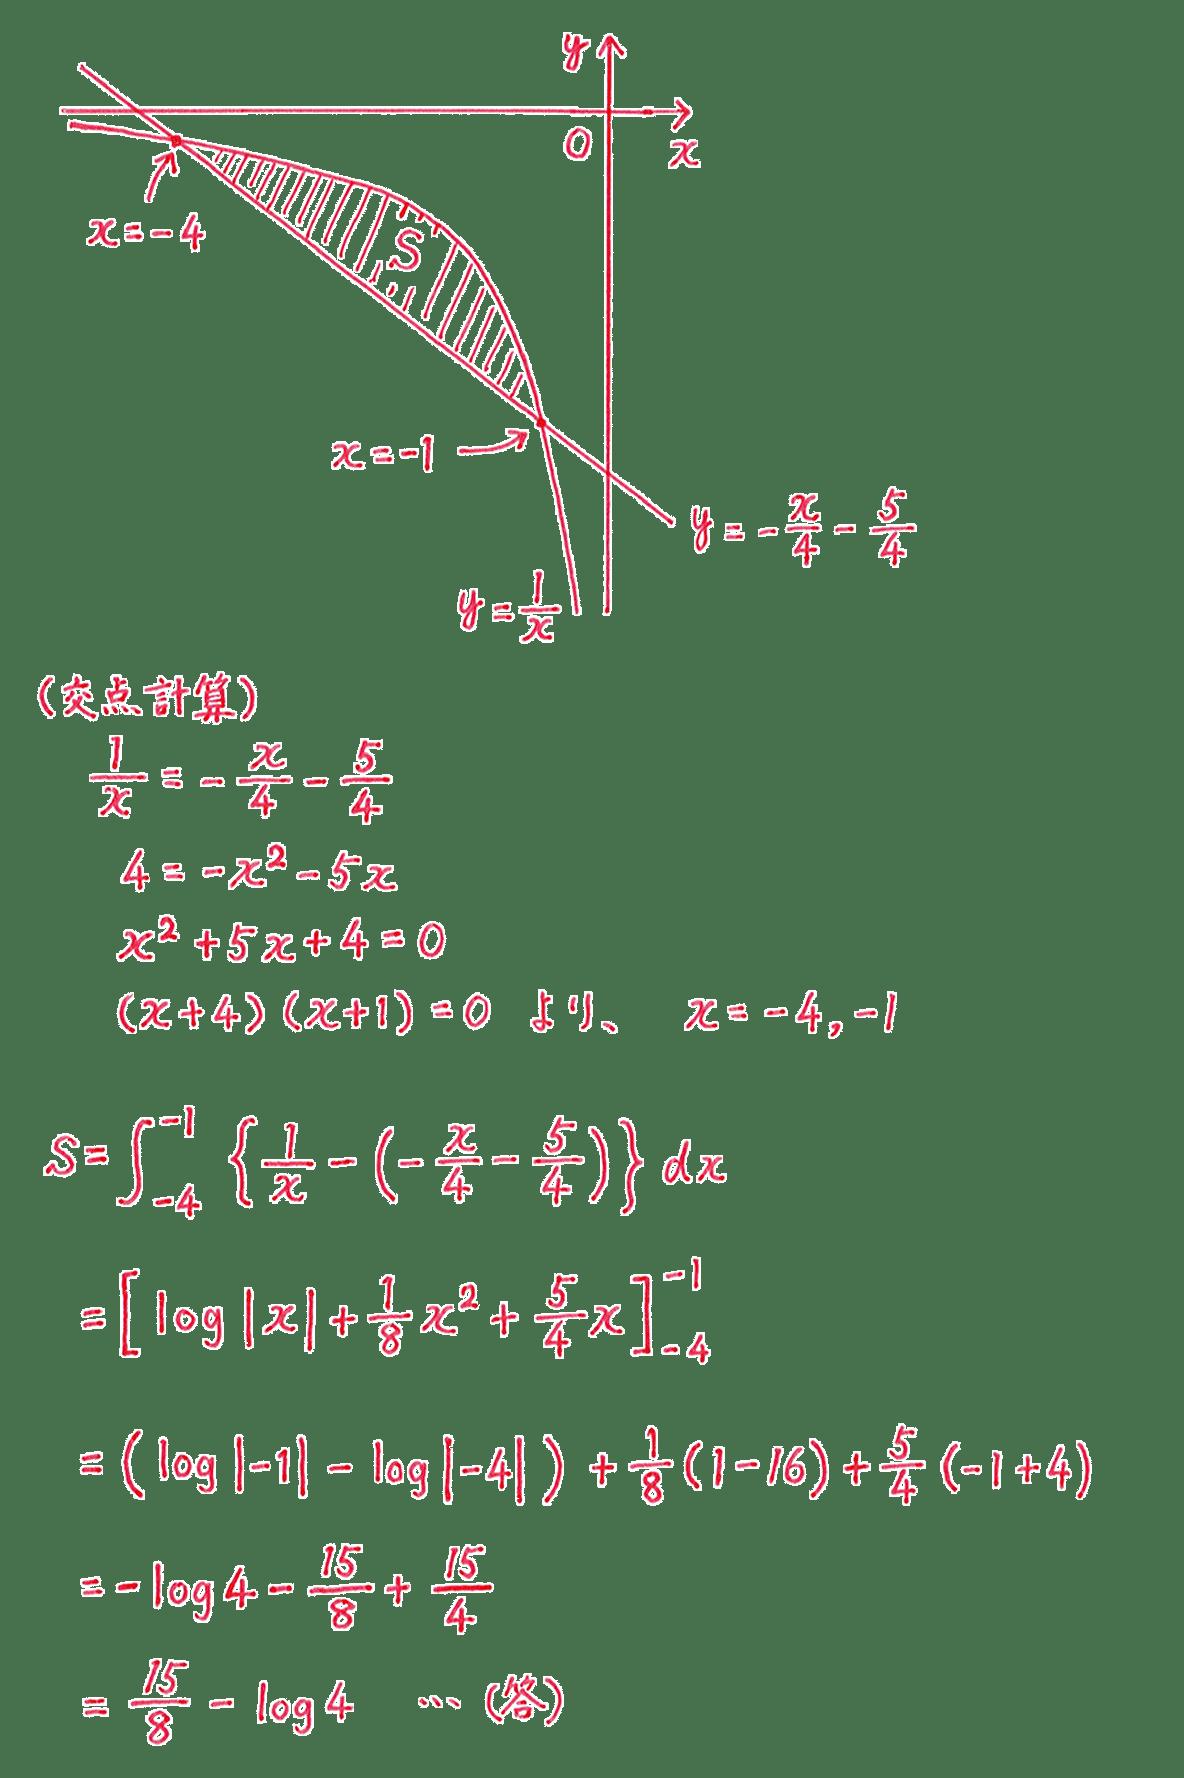 積分法とその応用37 問題 答え すべて